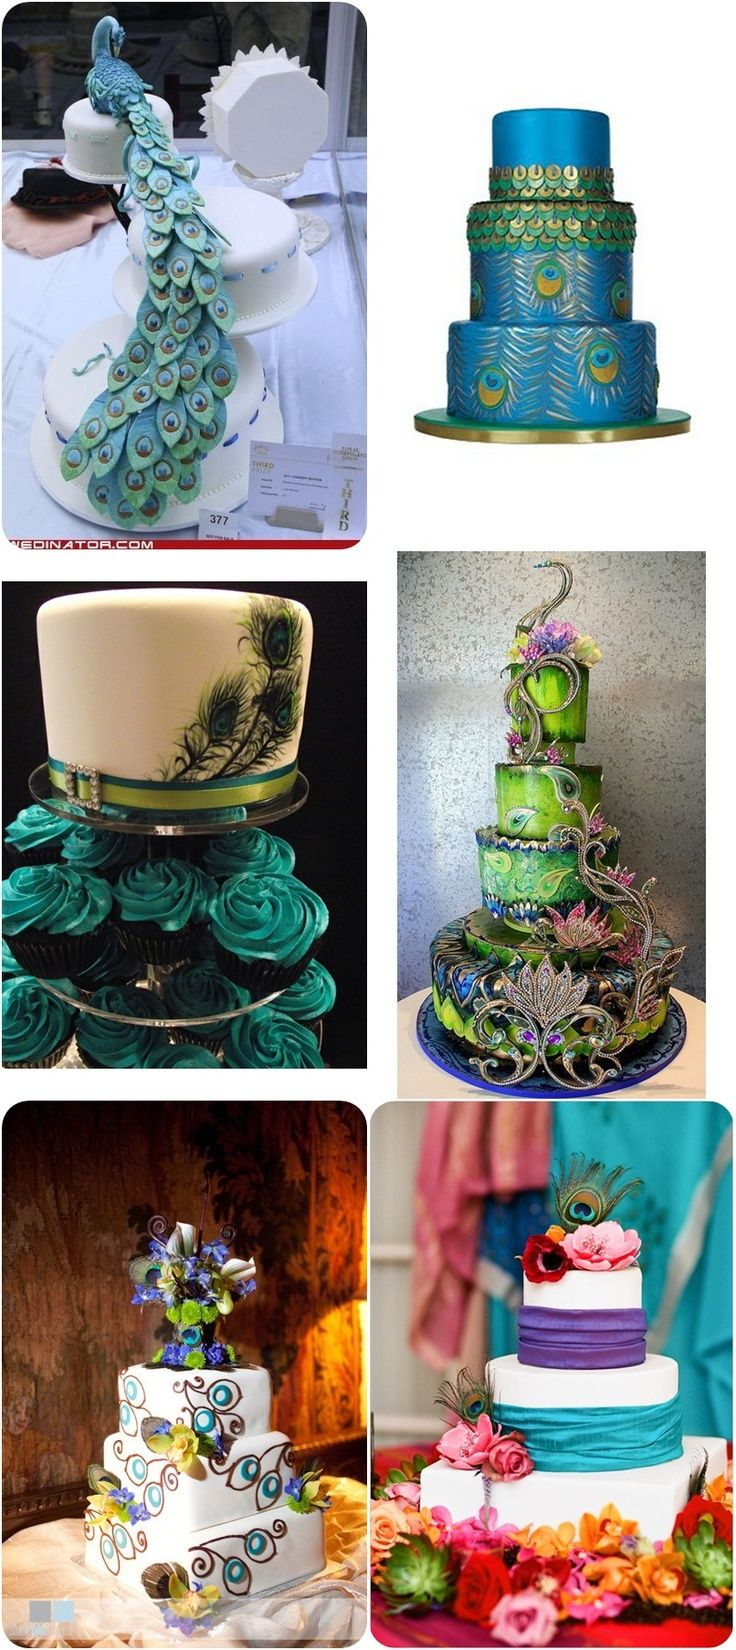 Peacock wedding cakes designs peacock wedding centerpieces